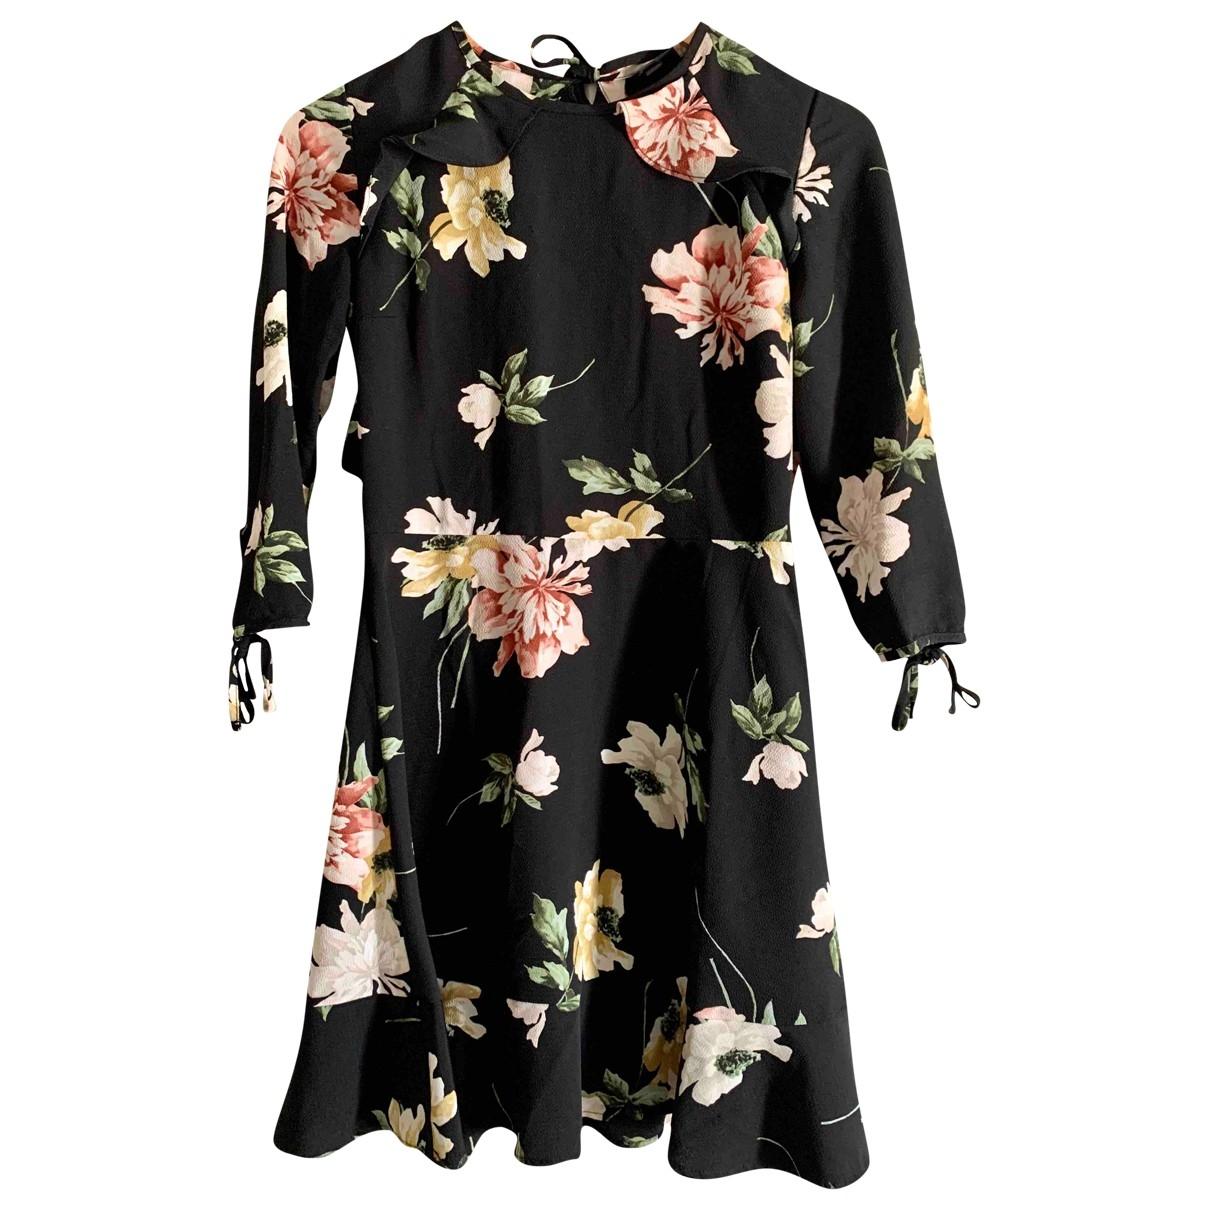 Tophop \N Kleid in  Bunt Polyester